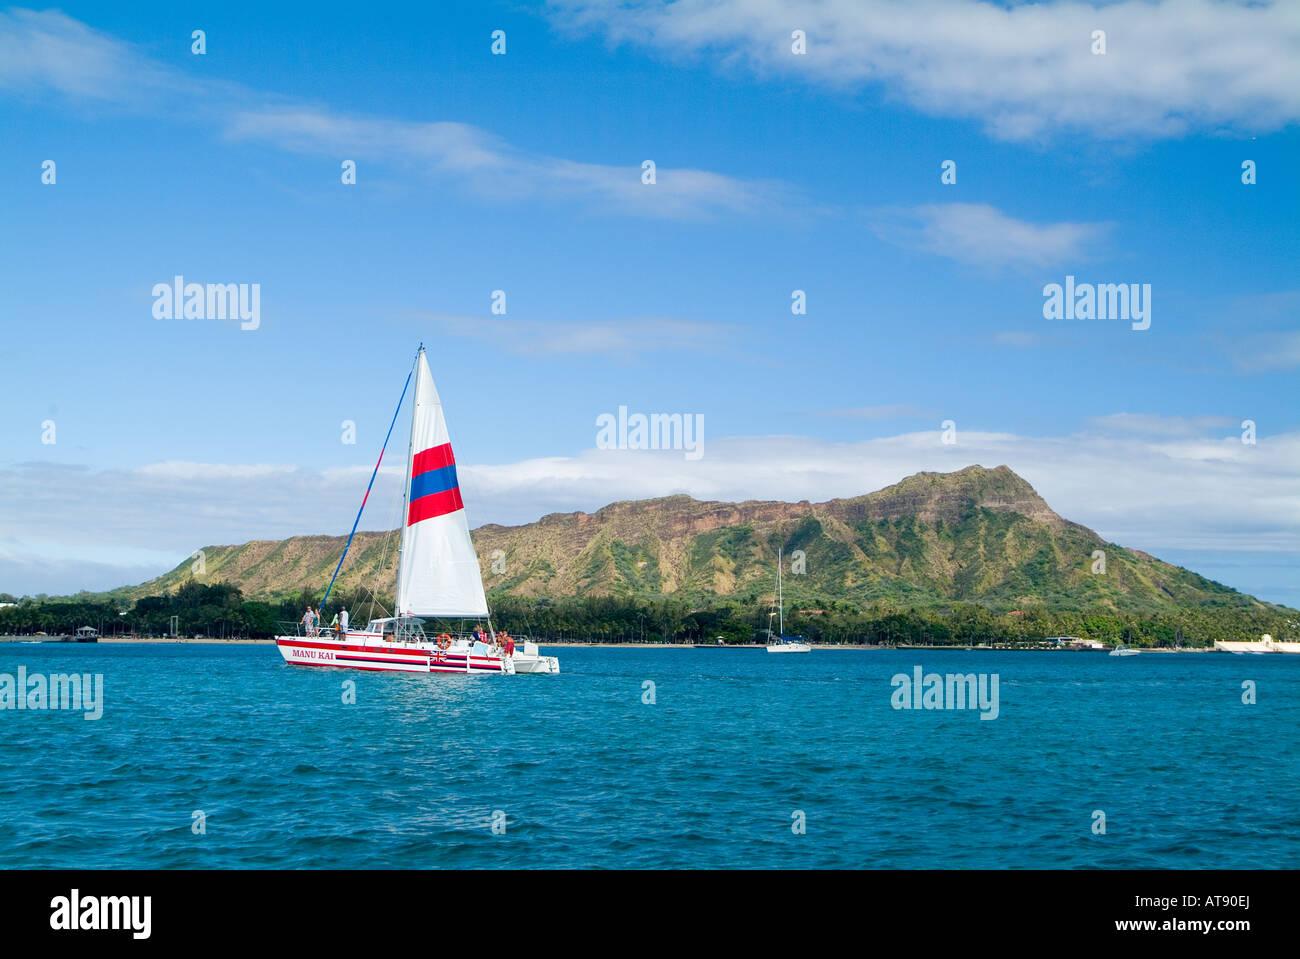 Un catamaran coupe un chemin sur l'eau bleue et claire en face de la Tête du Diamant, Banque D'Images